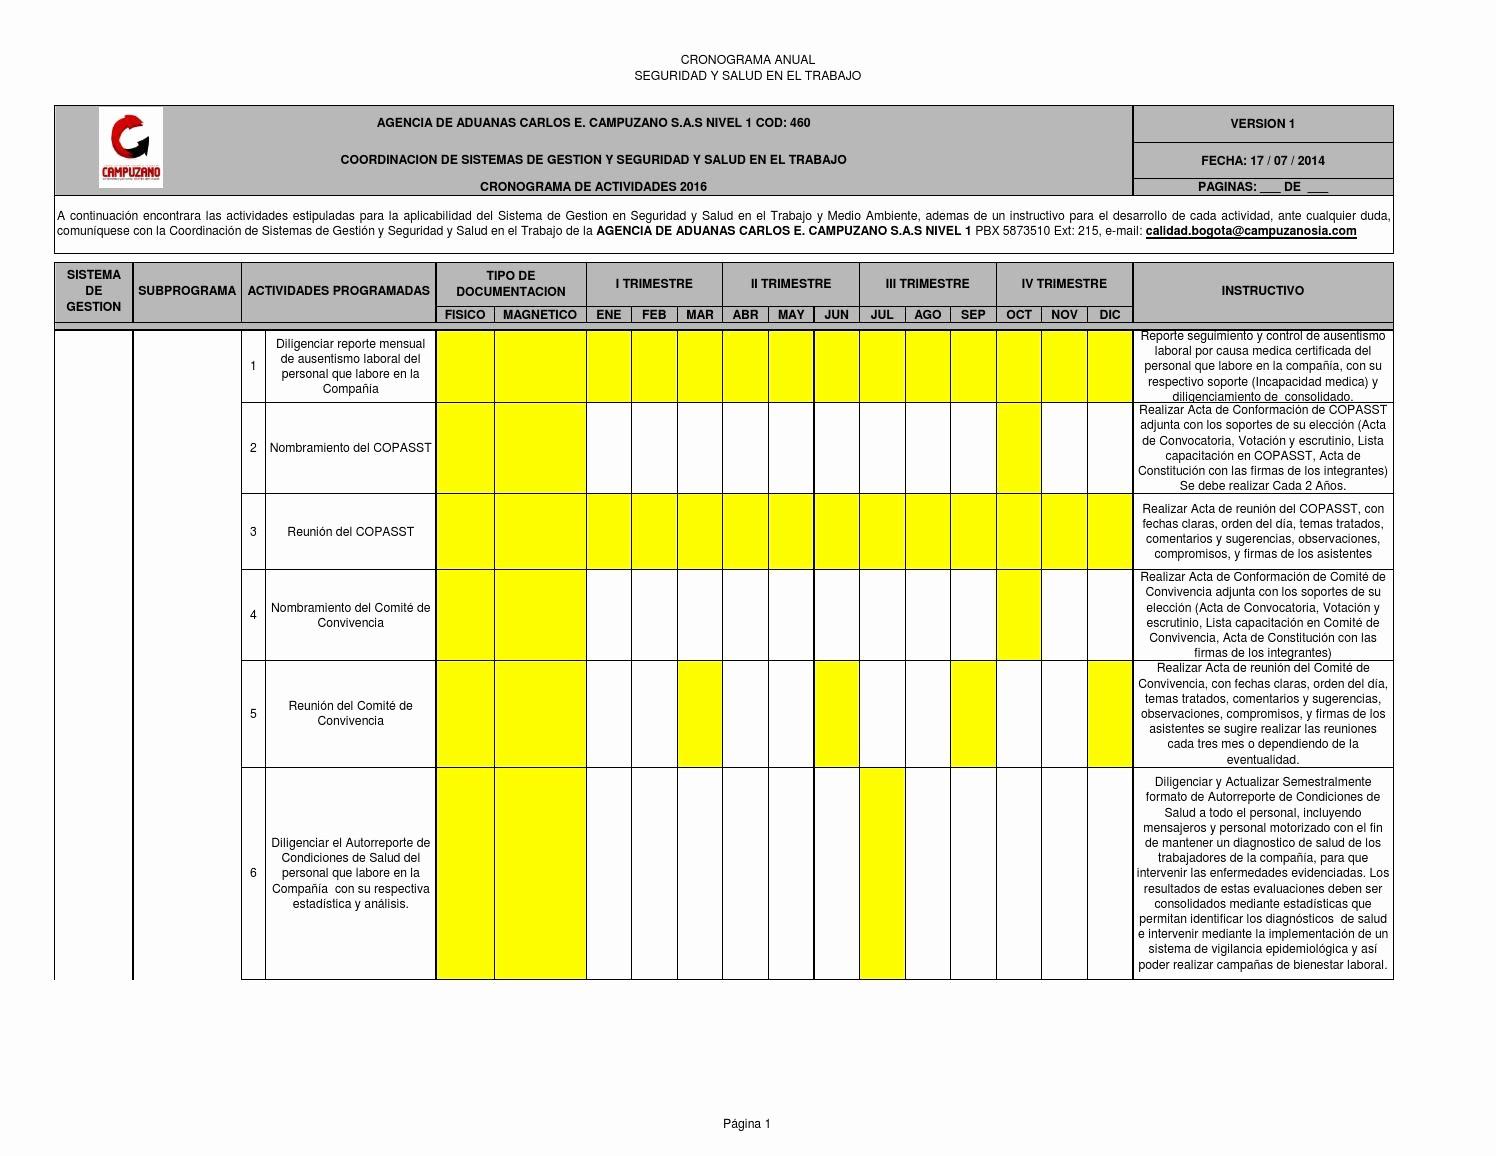 Formato Cronograma De Actividades Excel Beautiful 13 Cronograma Anual Sgsst 2016 by Sgsst Campuzano issuu